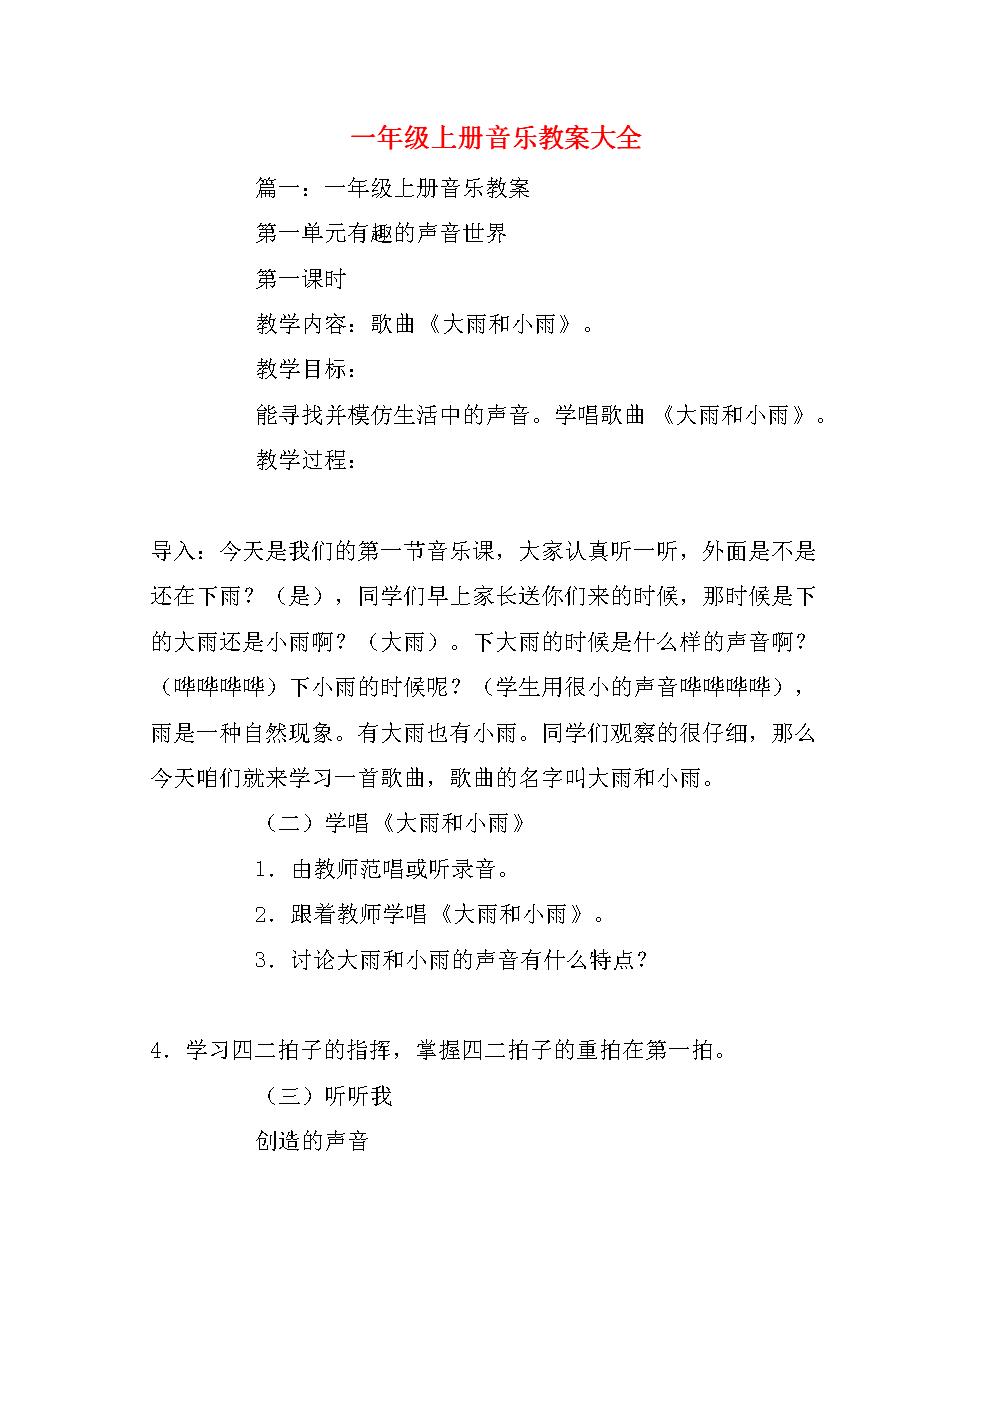 有一种记忆叫心事-戴海霞(MP3歌词/LRC歌词) lrc歌词下载 第2张